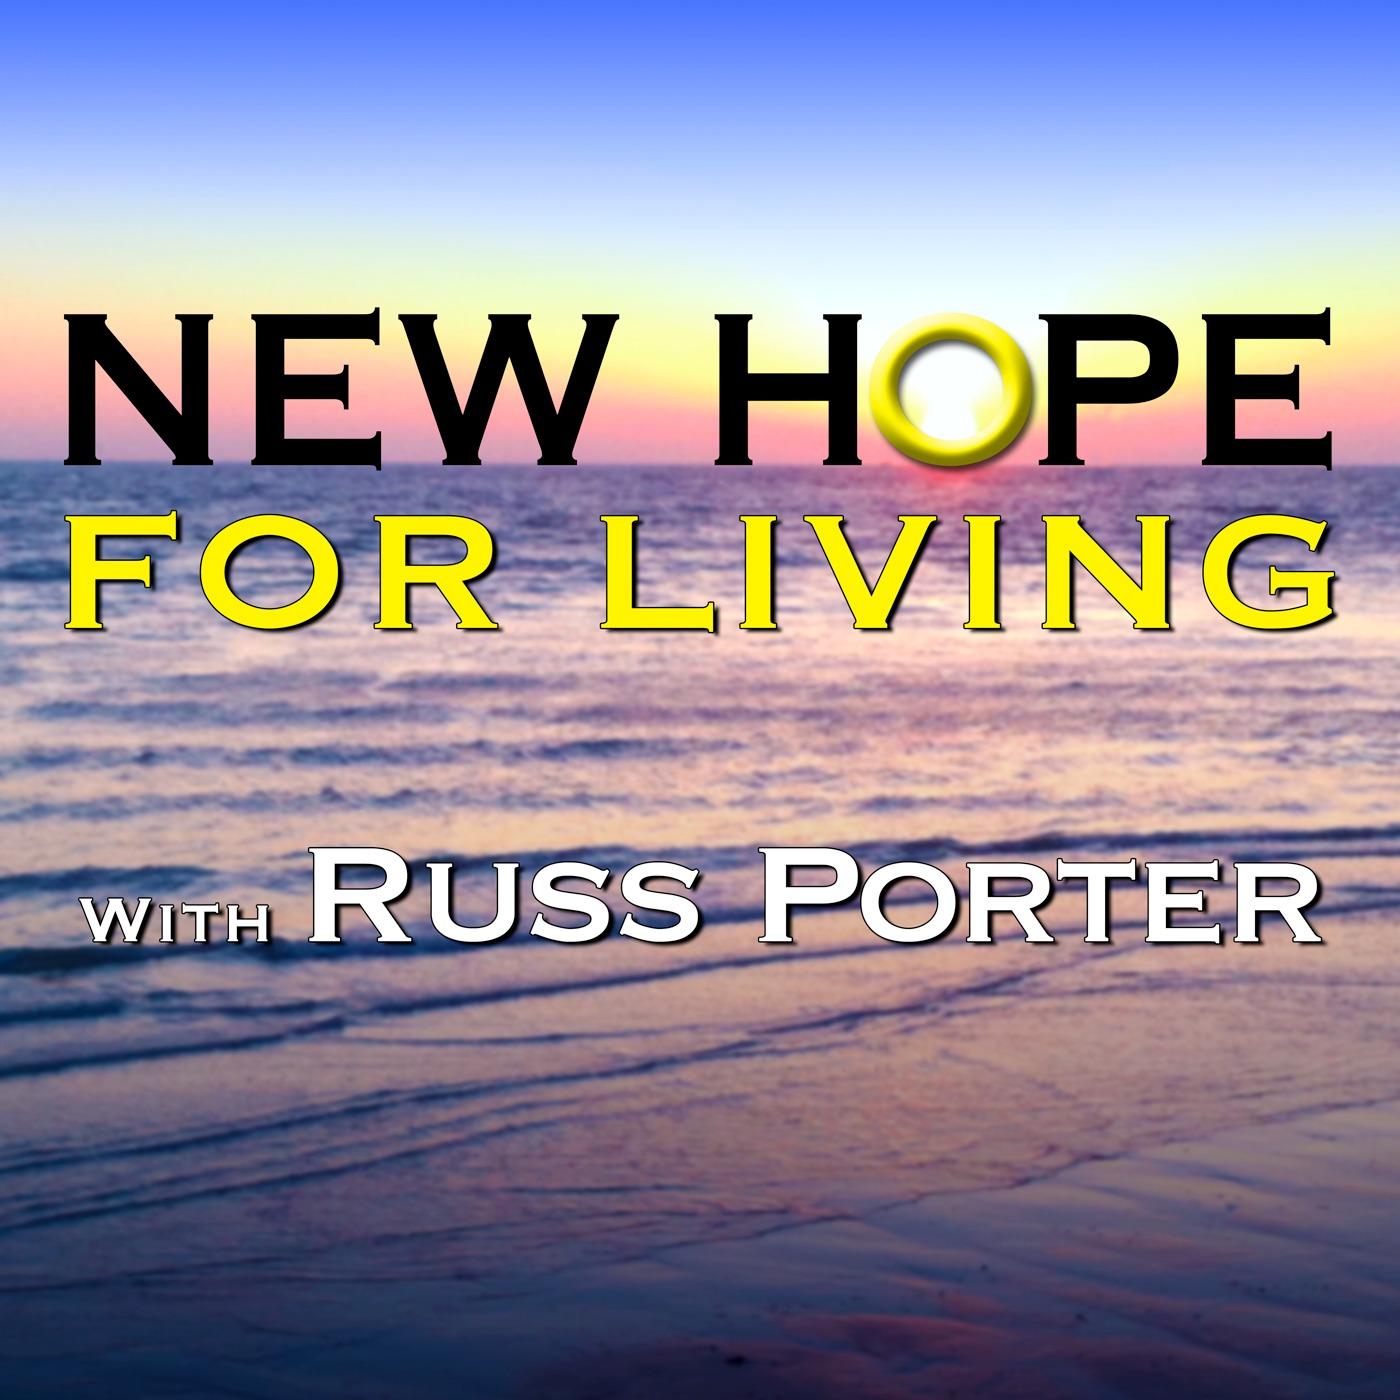 New Hope for Living